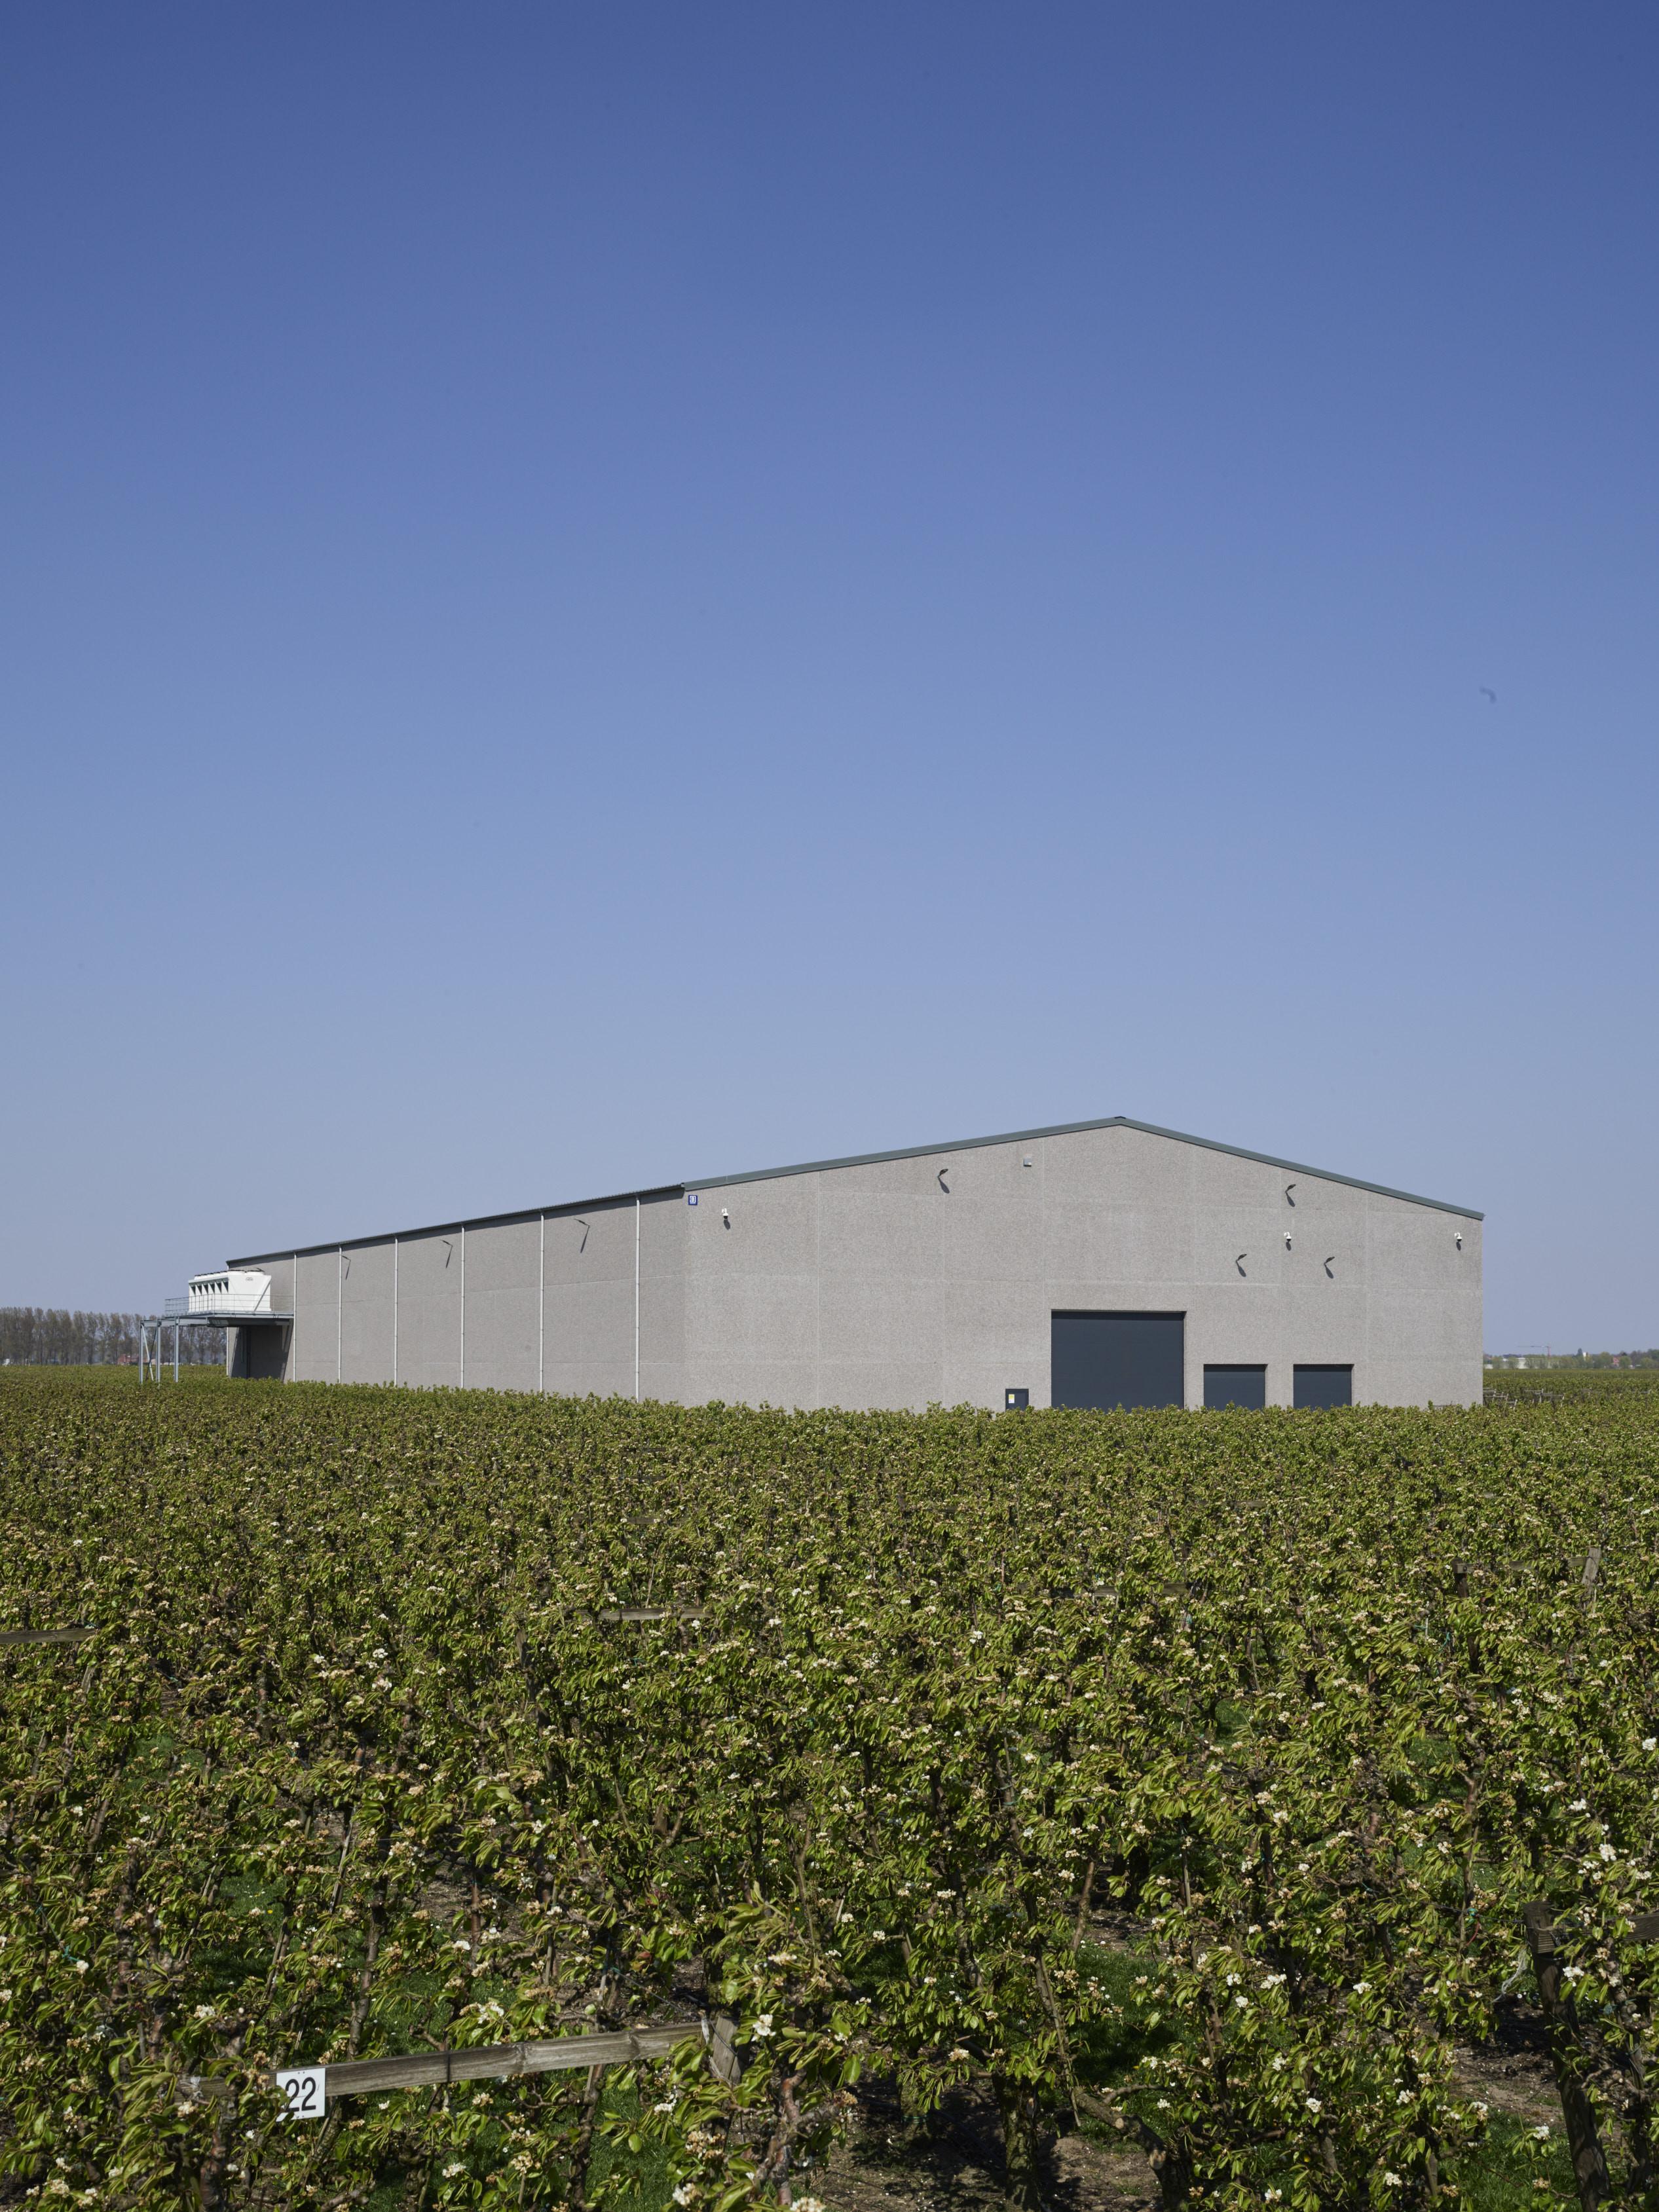 Gefi fruit Beveren. Agrobouw. Agrarische gebouwen. opslagloodsen. Stockageloods